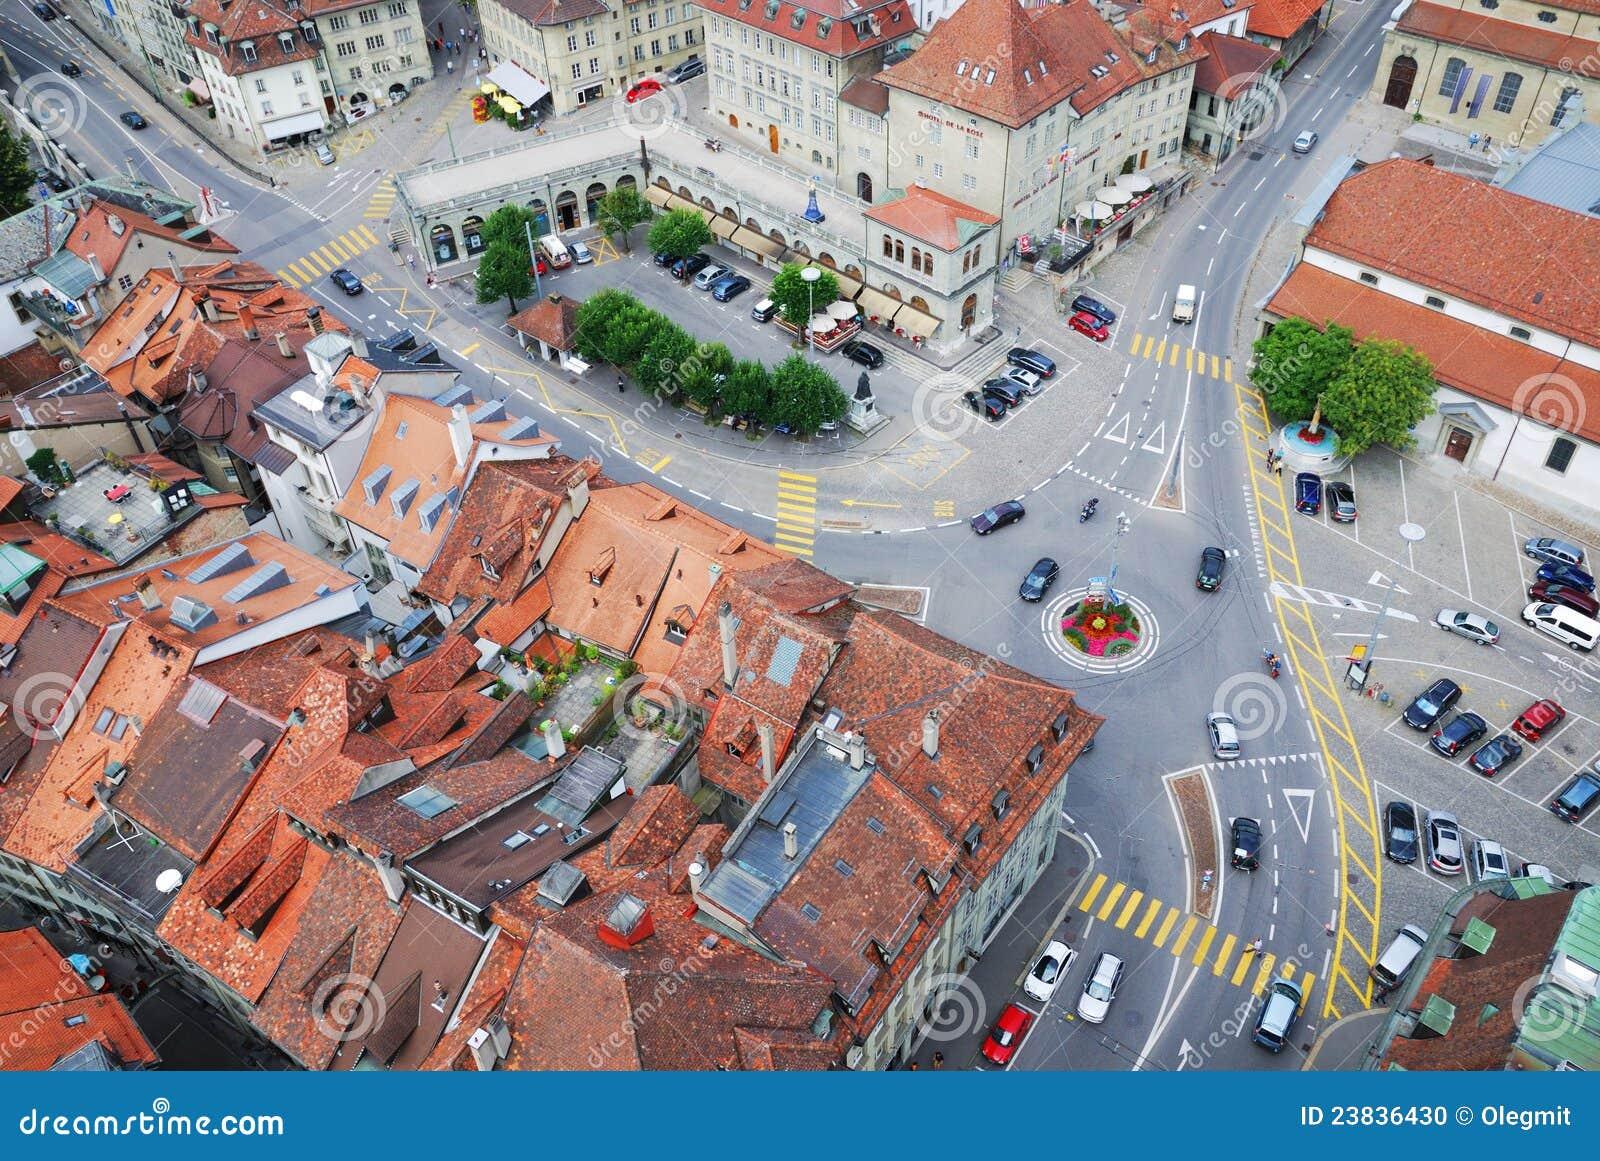 Vieille ville de fribourg de ci avant photo stock image for Piscine fribourg